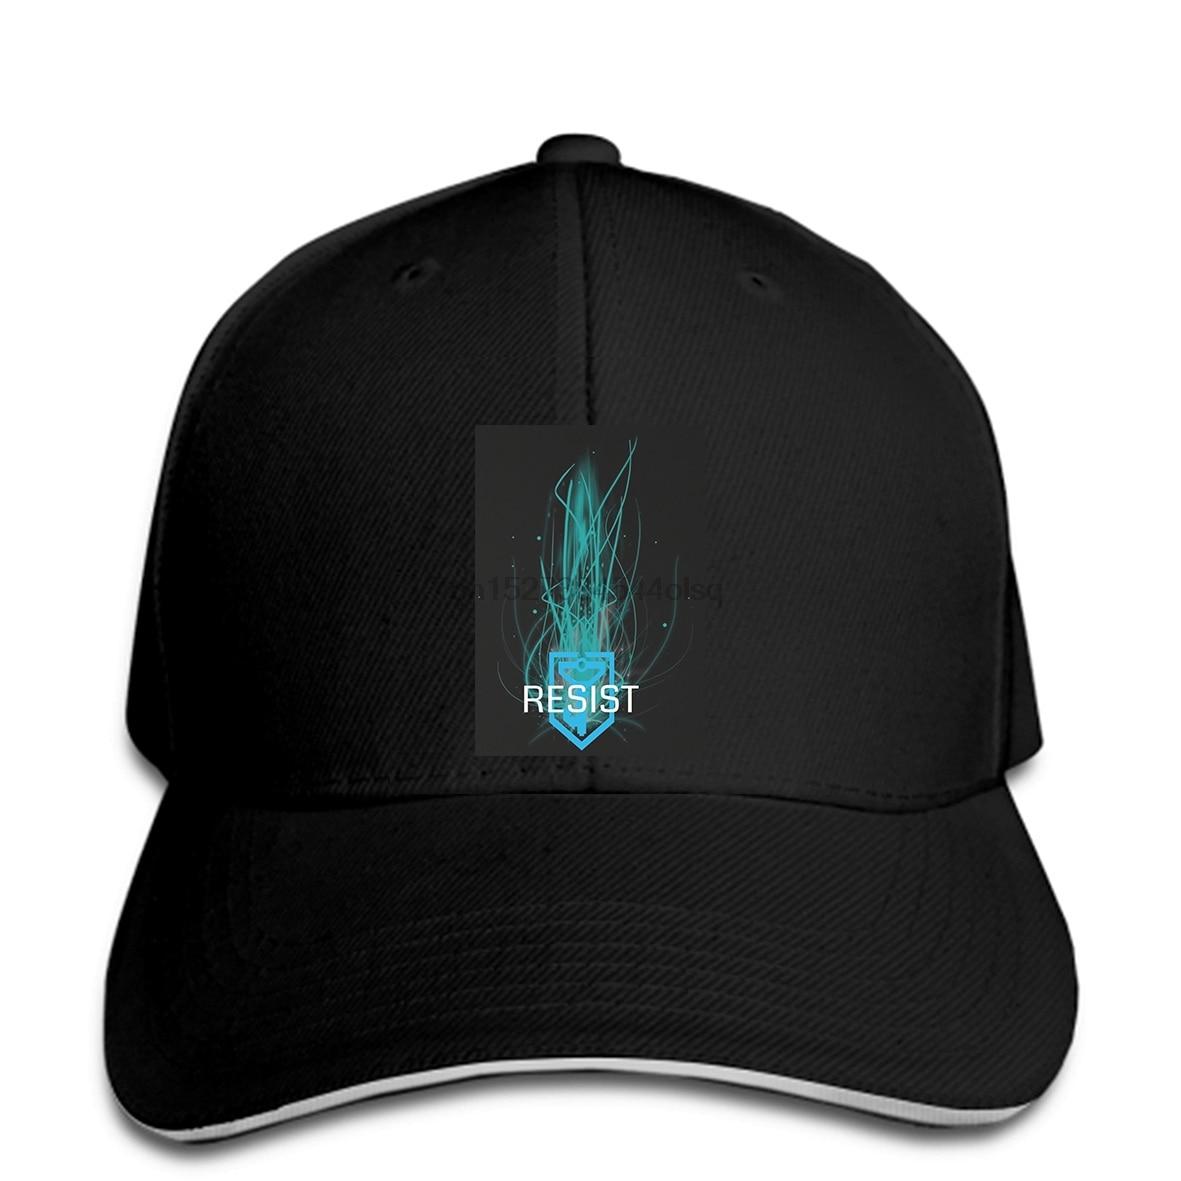 Aperture Science Portal Half-Life Portal Trucker Hats